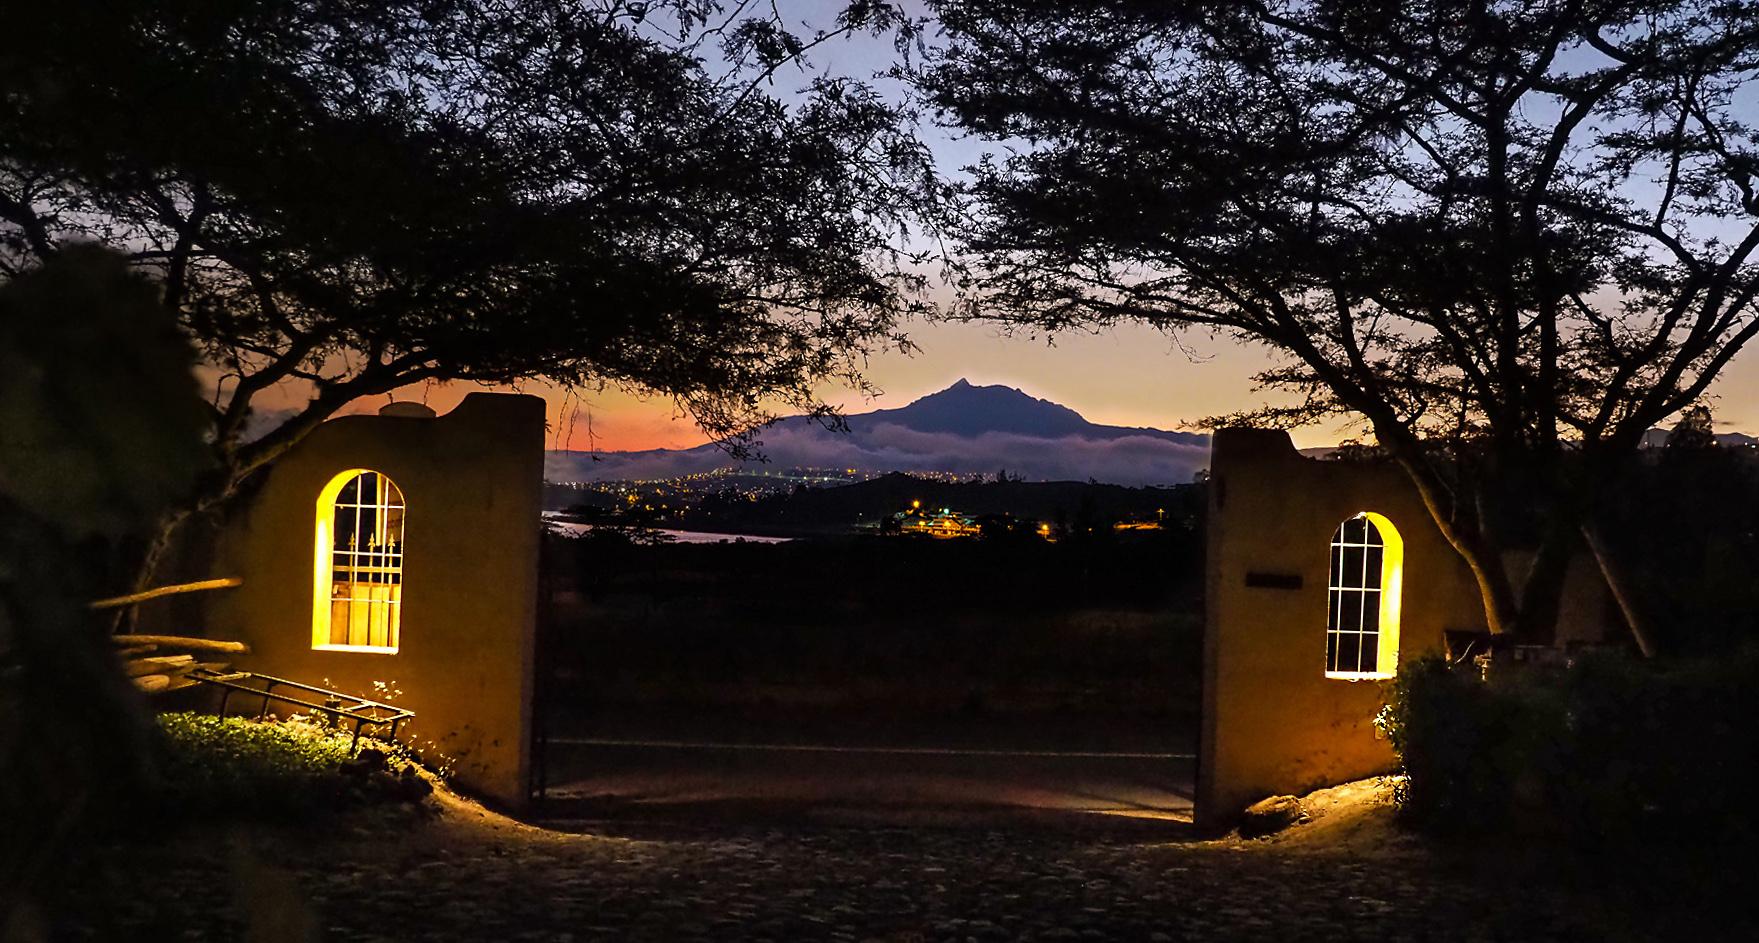 Wir bleiben 2 Wochen auf der Finca Sommerwind mit Blick auf Ibarra und die Vulkane